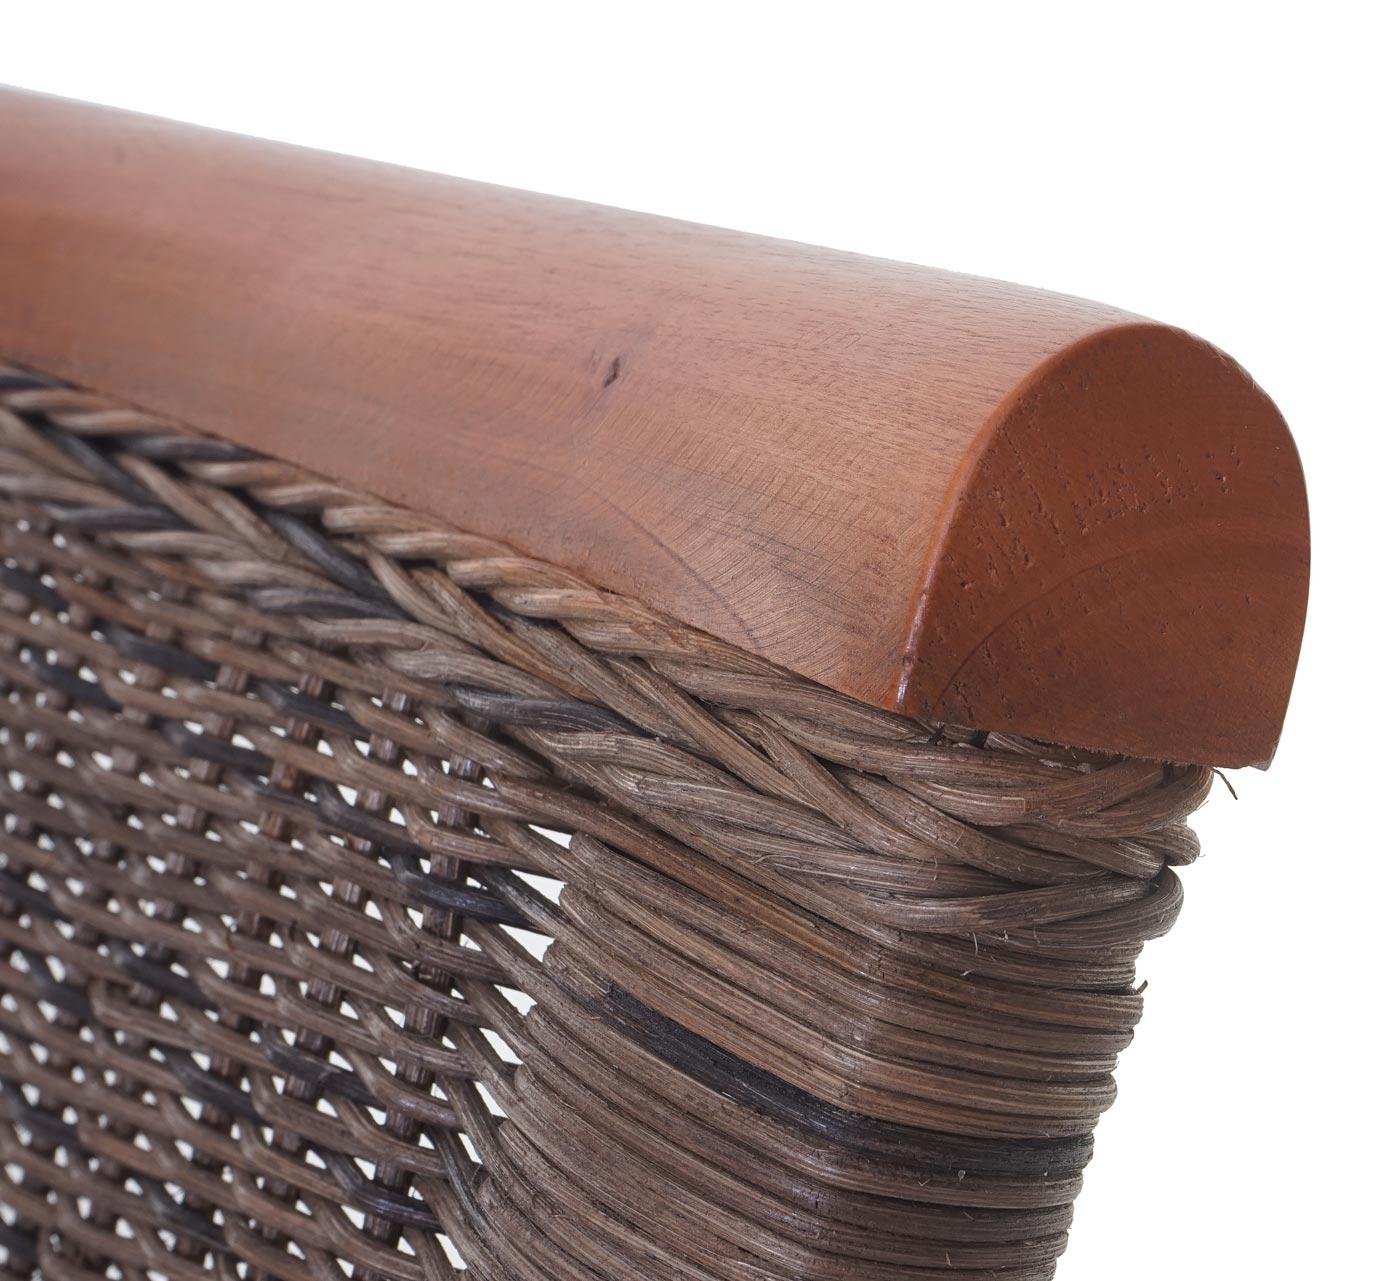 2x esszimmerstuhl savona stuhl lehnstuhl rattan mit oder ohne sitzkissen ebay. Black Bedroom Furniture Sets. Home Design Ideas